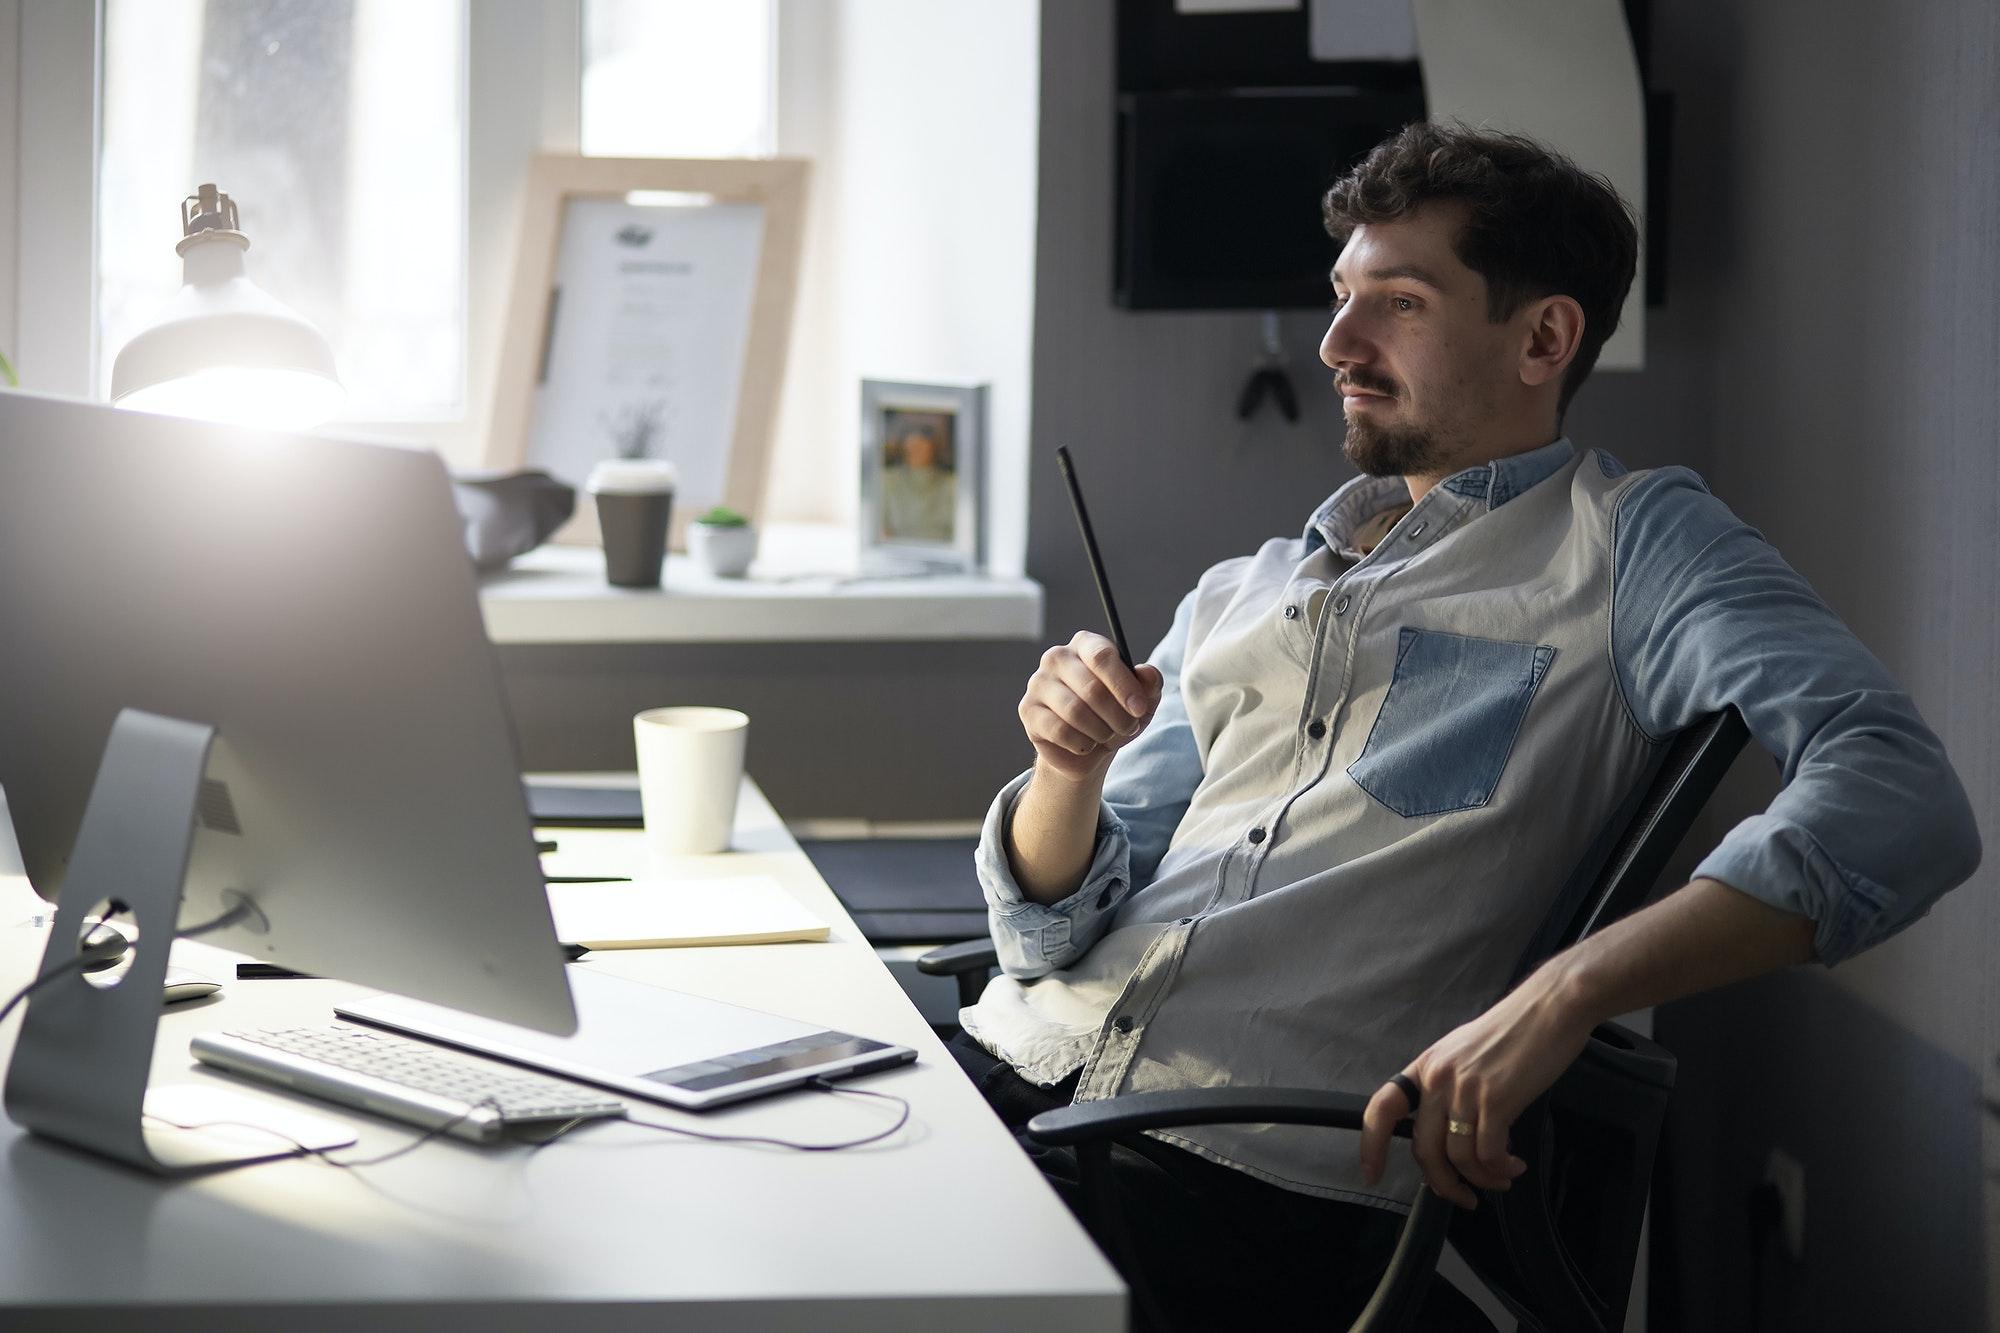 SEO bureau eller freelancer til SEO? Eller lave SEO selv ⭐ Bedst til SEO 2021 → Ja, hvem er endelig bedst til seo-optimering?